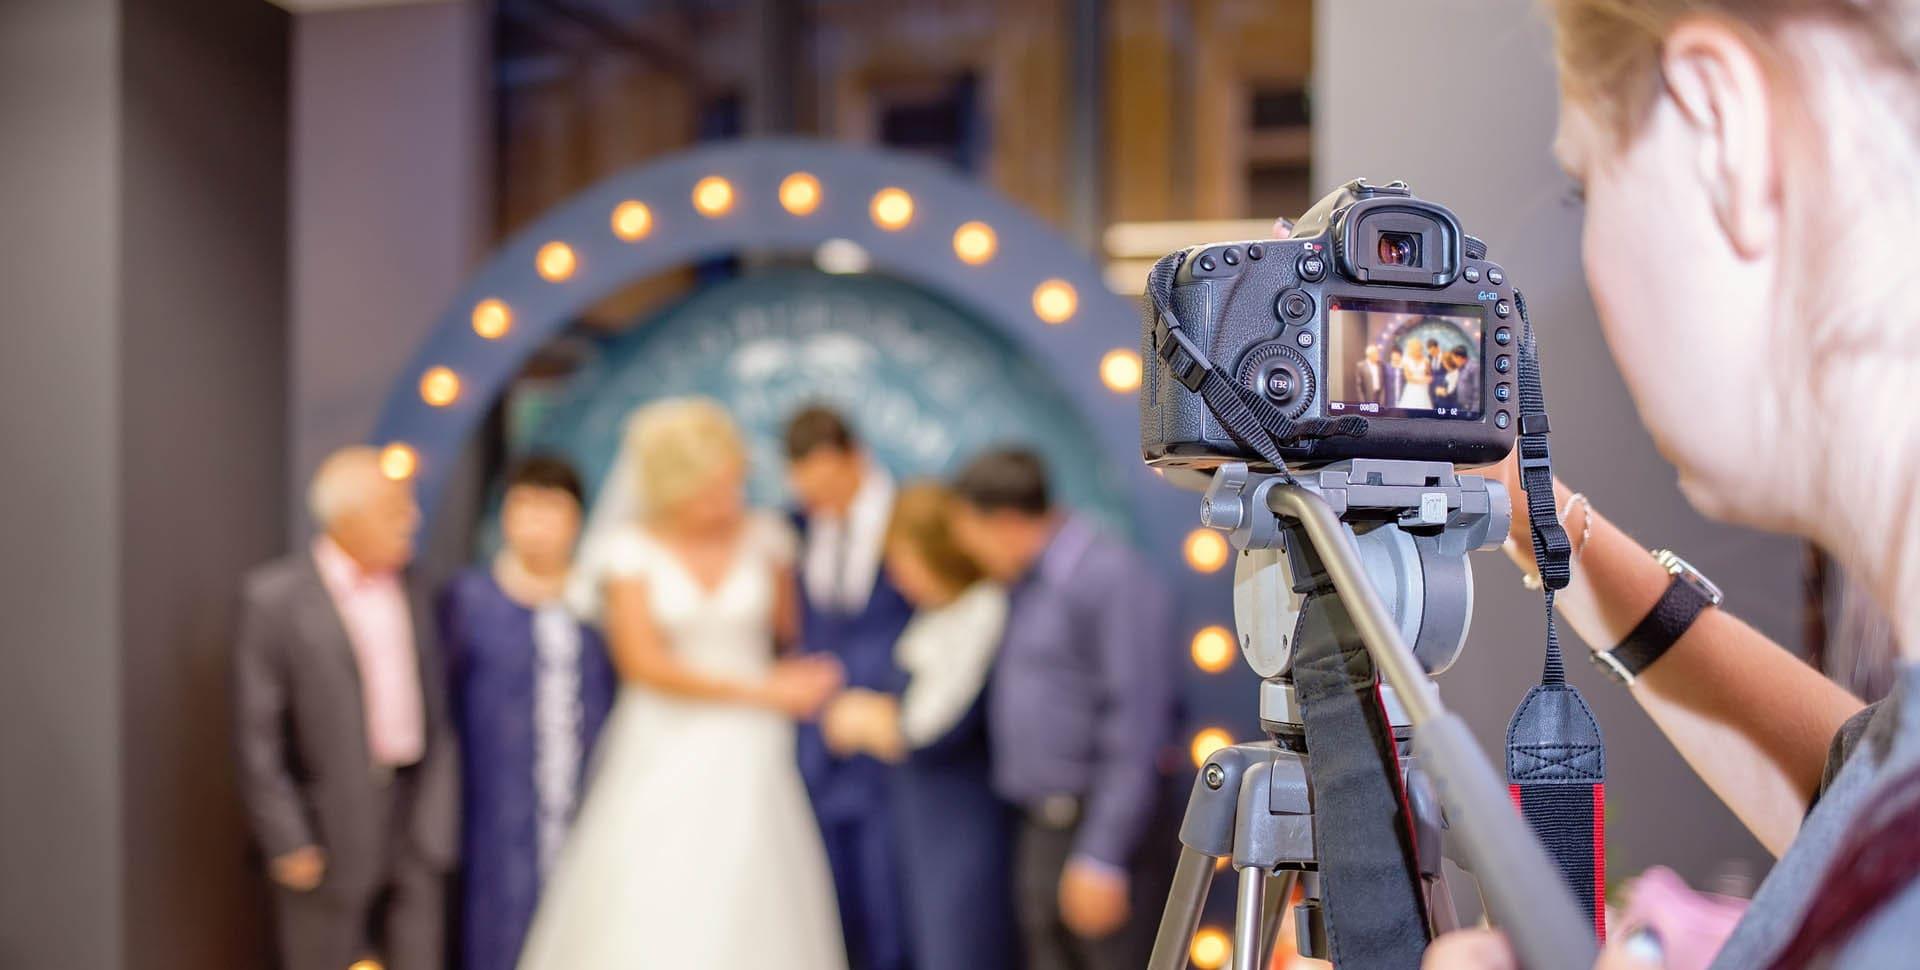 будем как снять свадьбу на фотоаппарат красиво миллионов